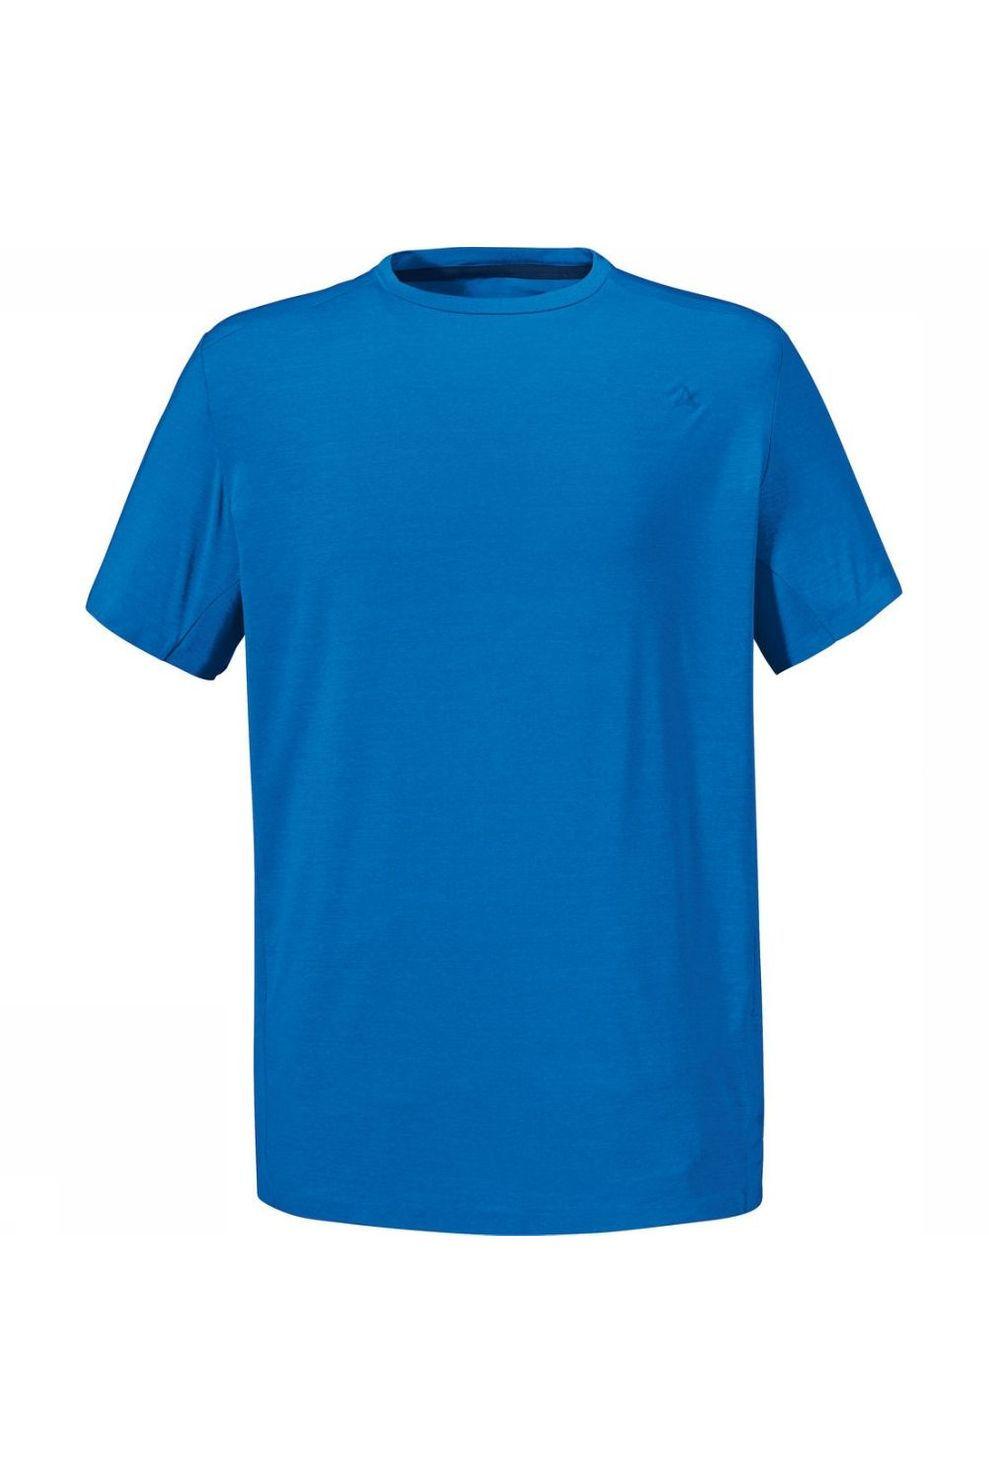 Schöffel T-Shirt Austin1 voor heren - Blauw - Maten: M, XL, XXL